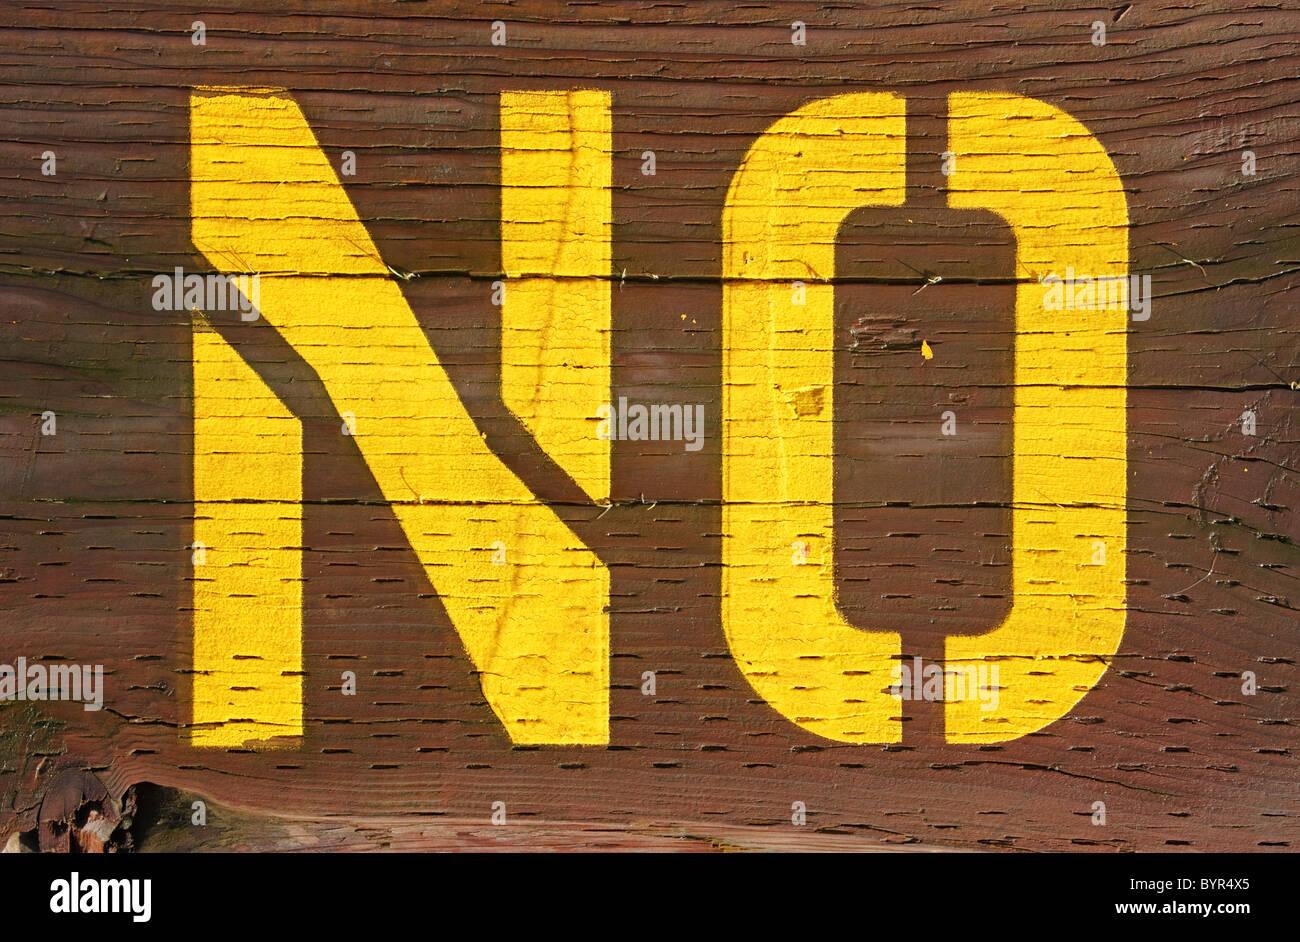 kein Zeichen stenciled auf Holz Stockbild